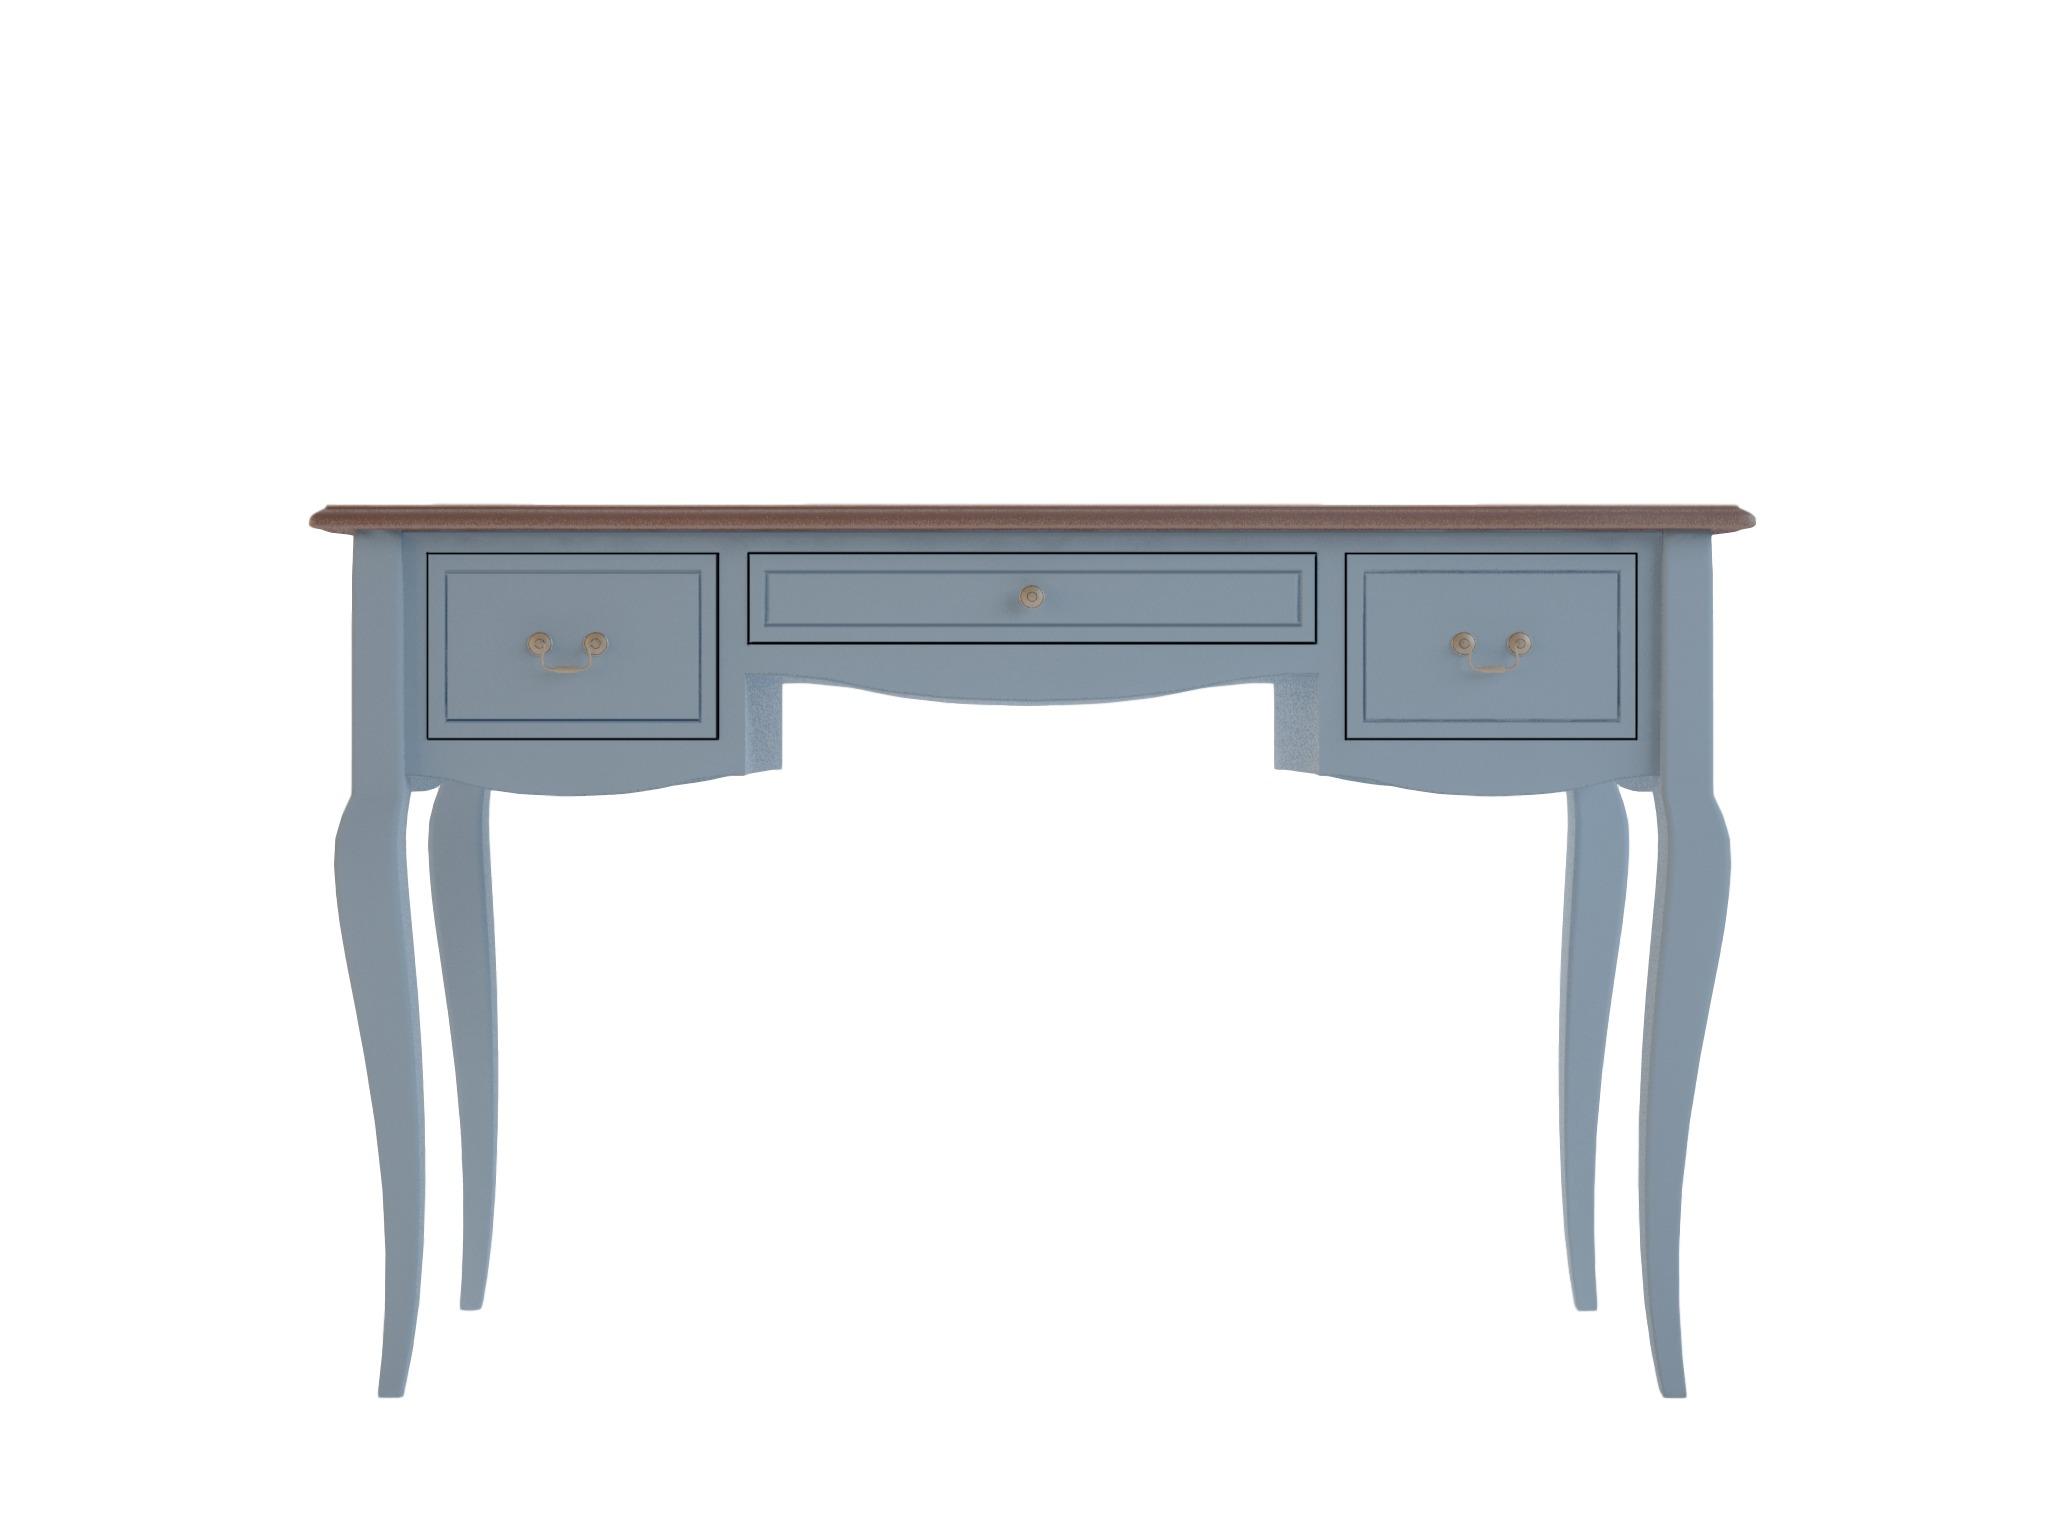 Стол письменный LeontinaПисьменные столы<br><br><br>Material: Береза<br>Ширина см: 120<br>Высота см: 76<br>Глубина см: 50